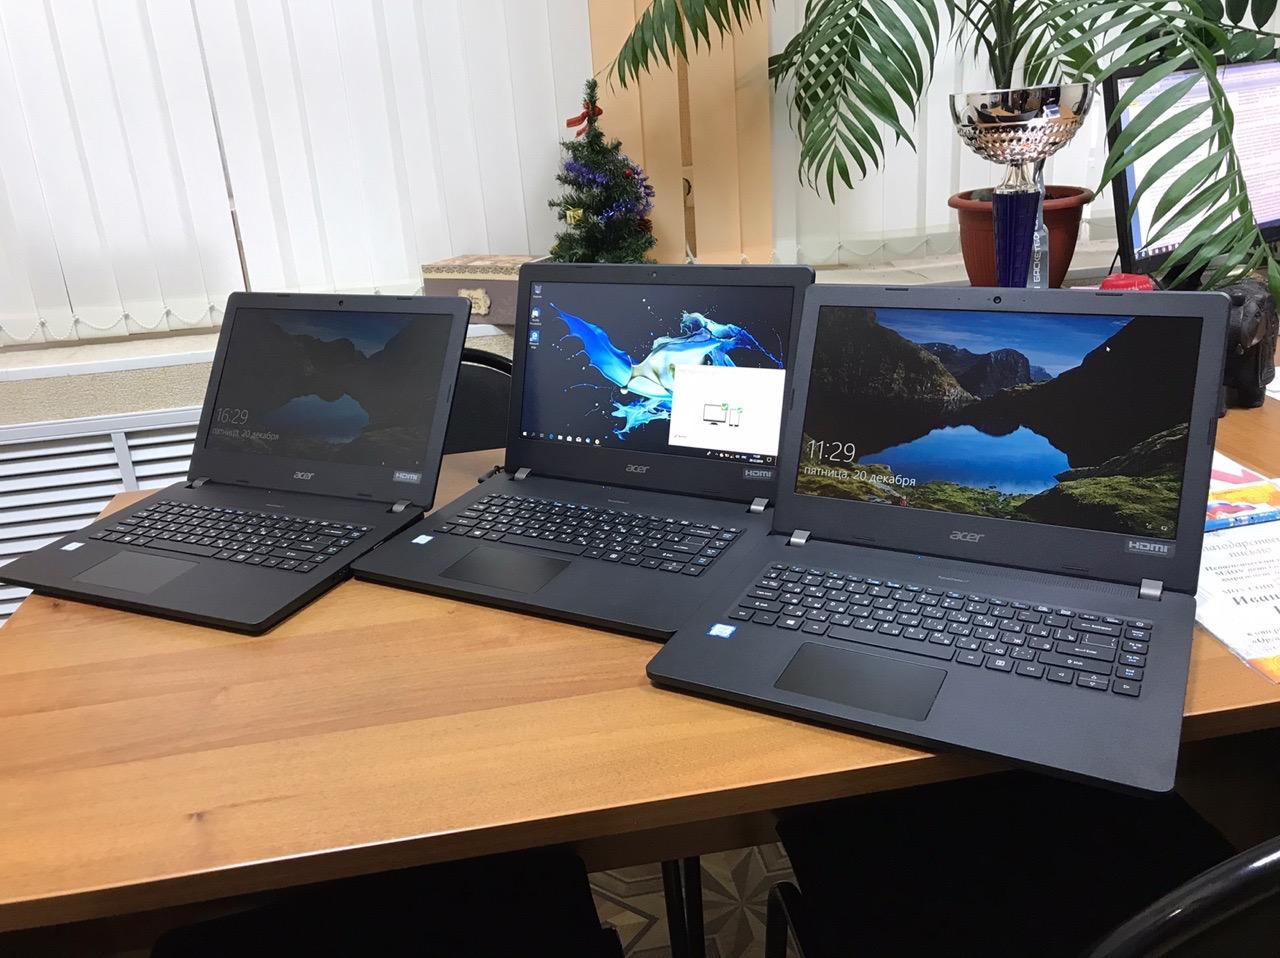 Рыбинская школа №28 получила более 30 современных ноутбуков благодаря нацпроекту